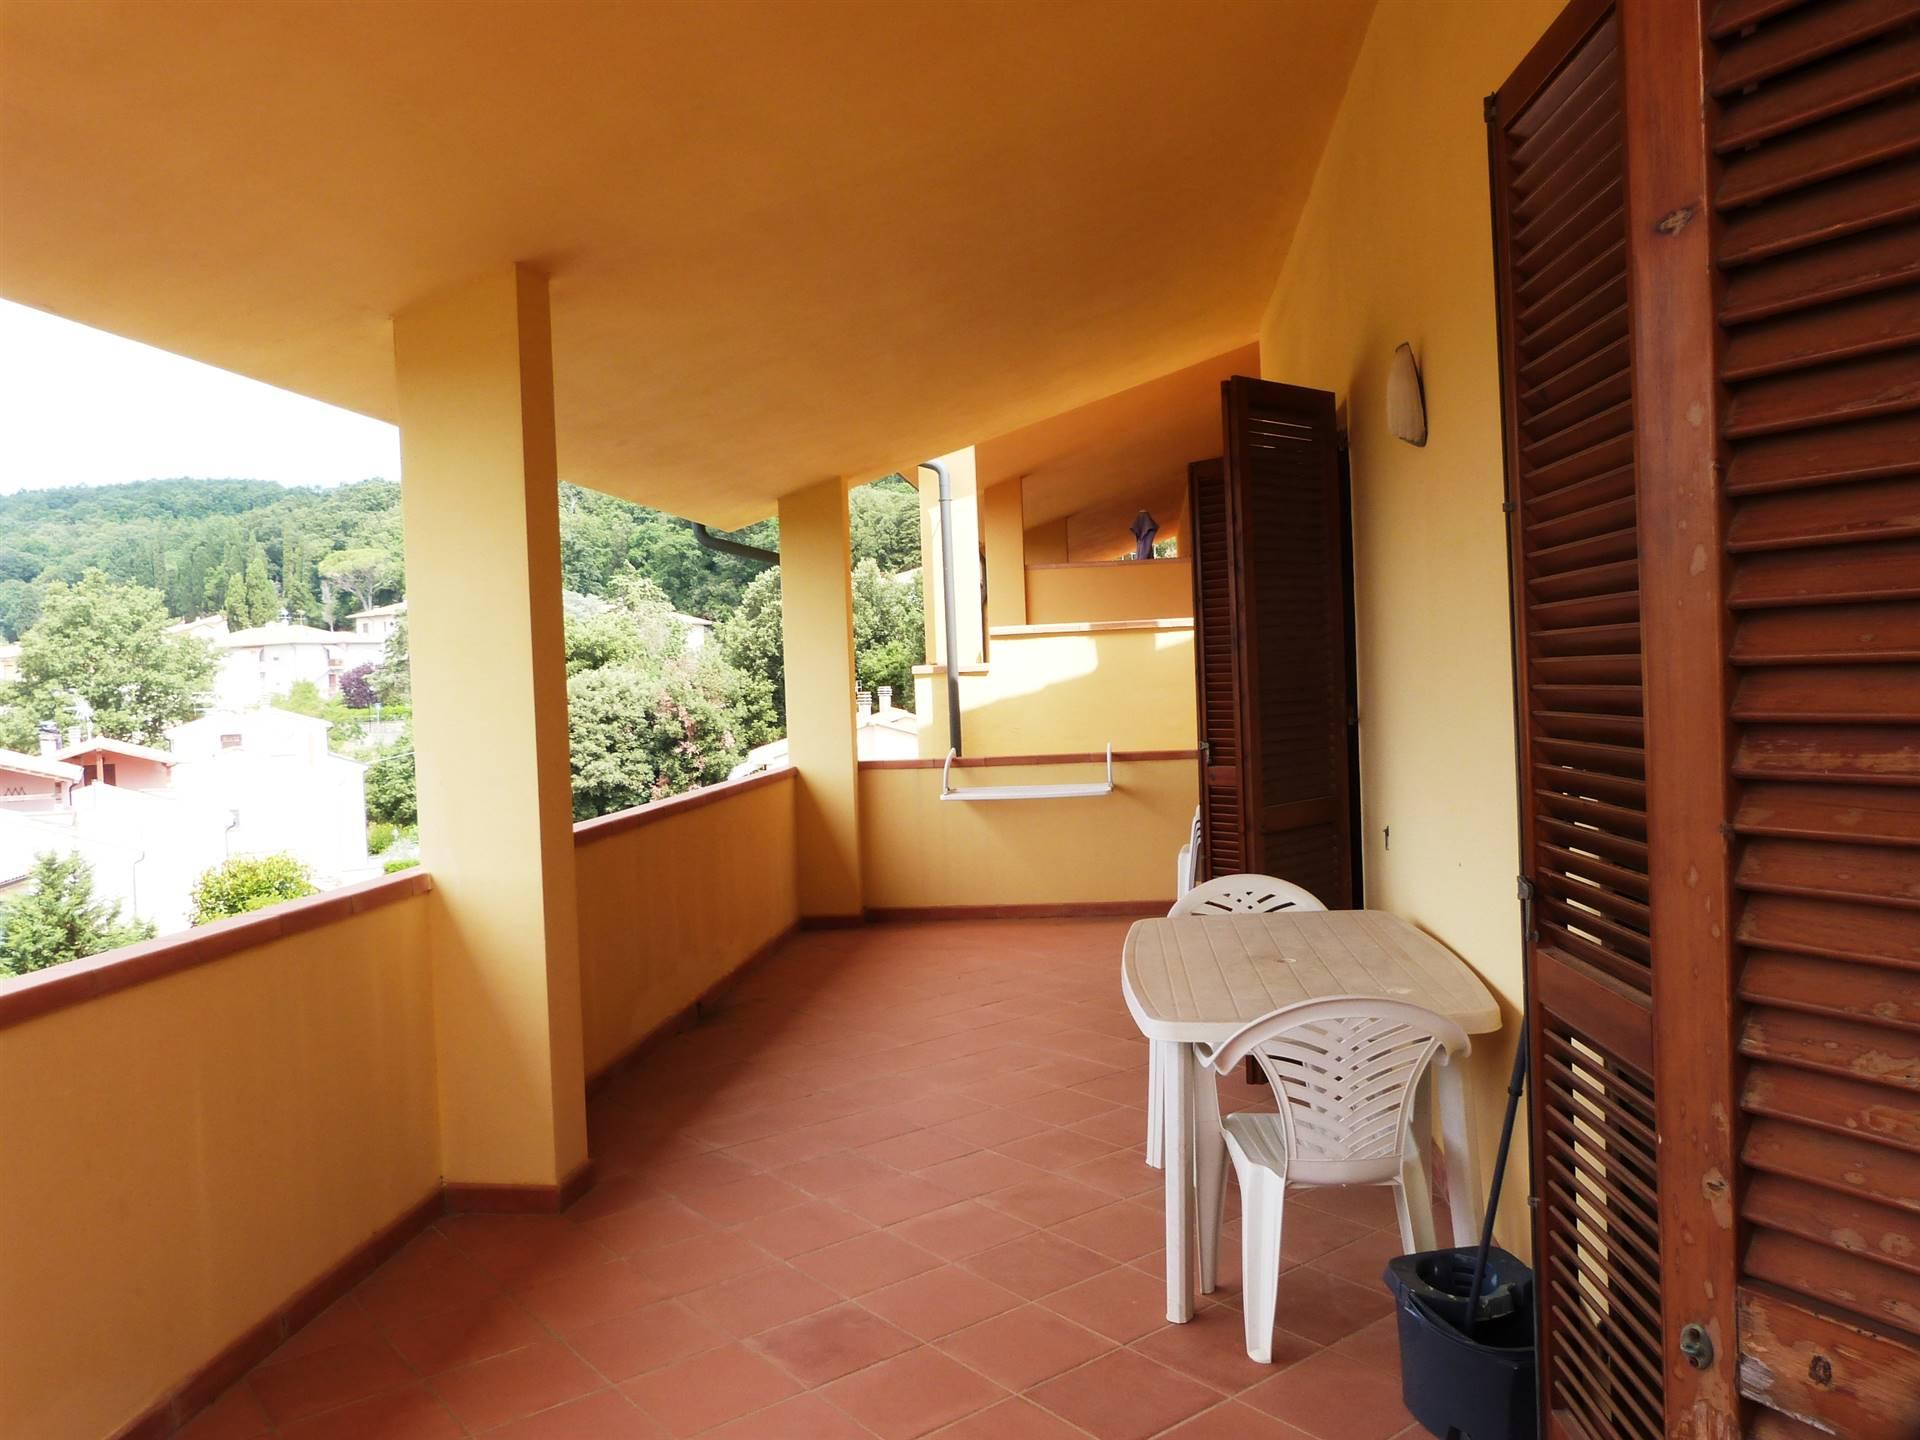 Appartamento in vendita a Monteverdi Marittimo, 3 locali, prezzo € 115.000   PortaleAgenzieImmobiliari.it